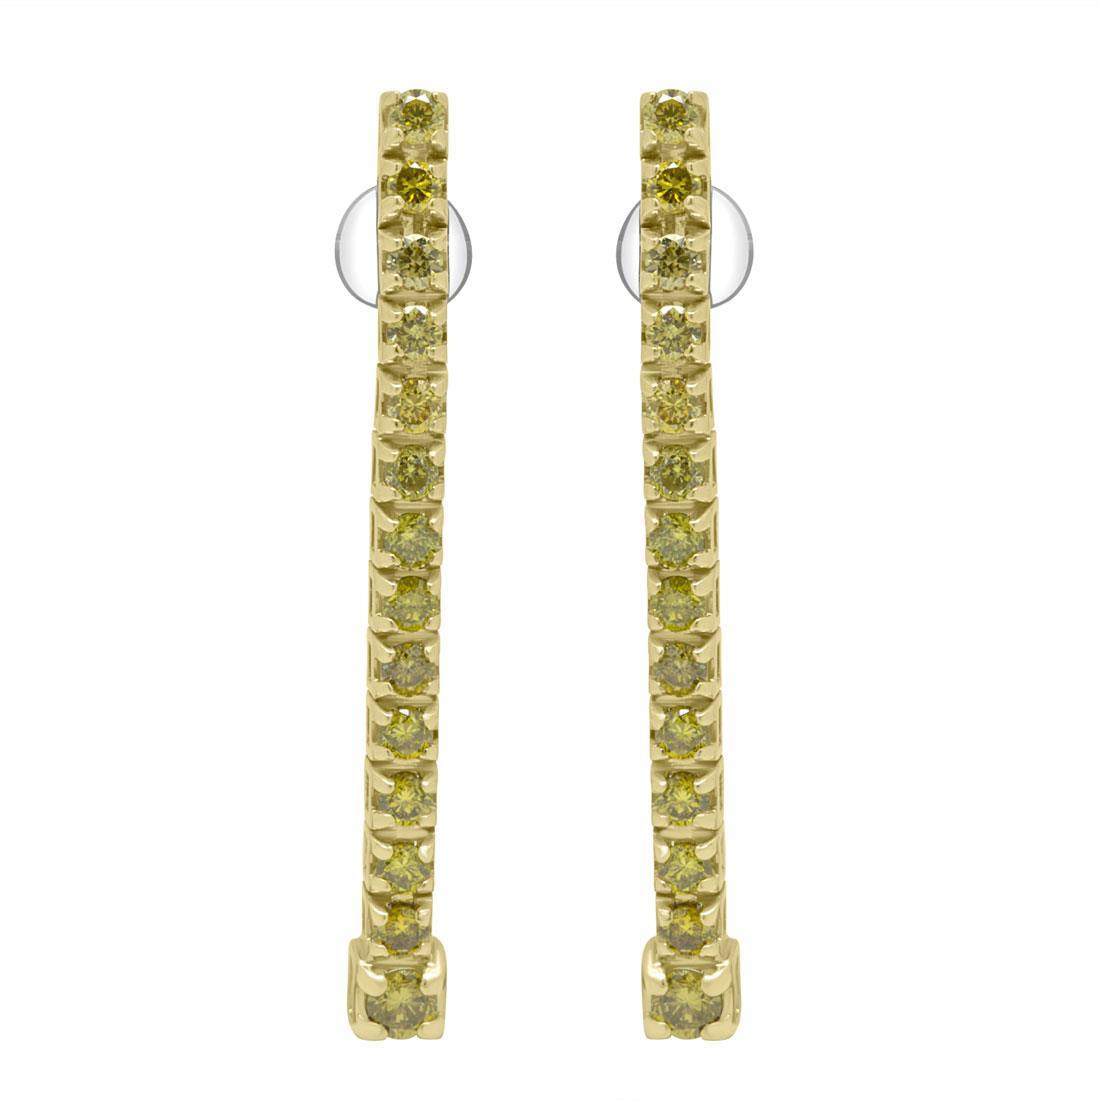 Orecchini tennis in oro giallo con diamanti ct 0.90 - ALFIERI & ST. JOHN